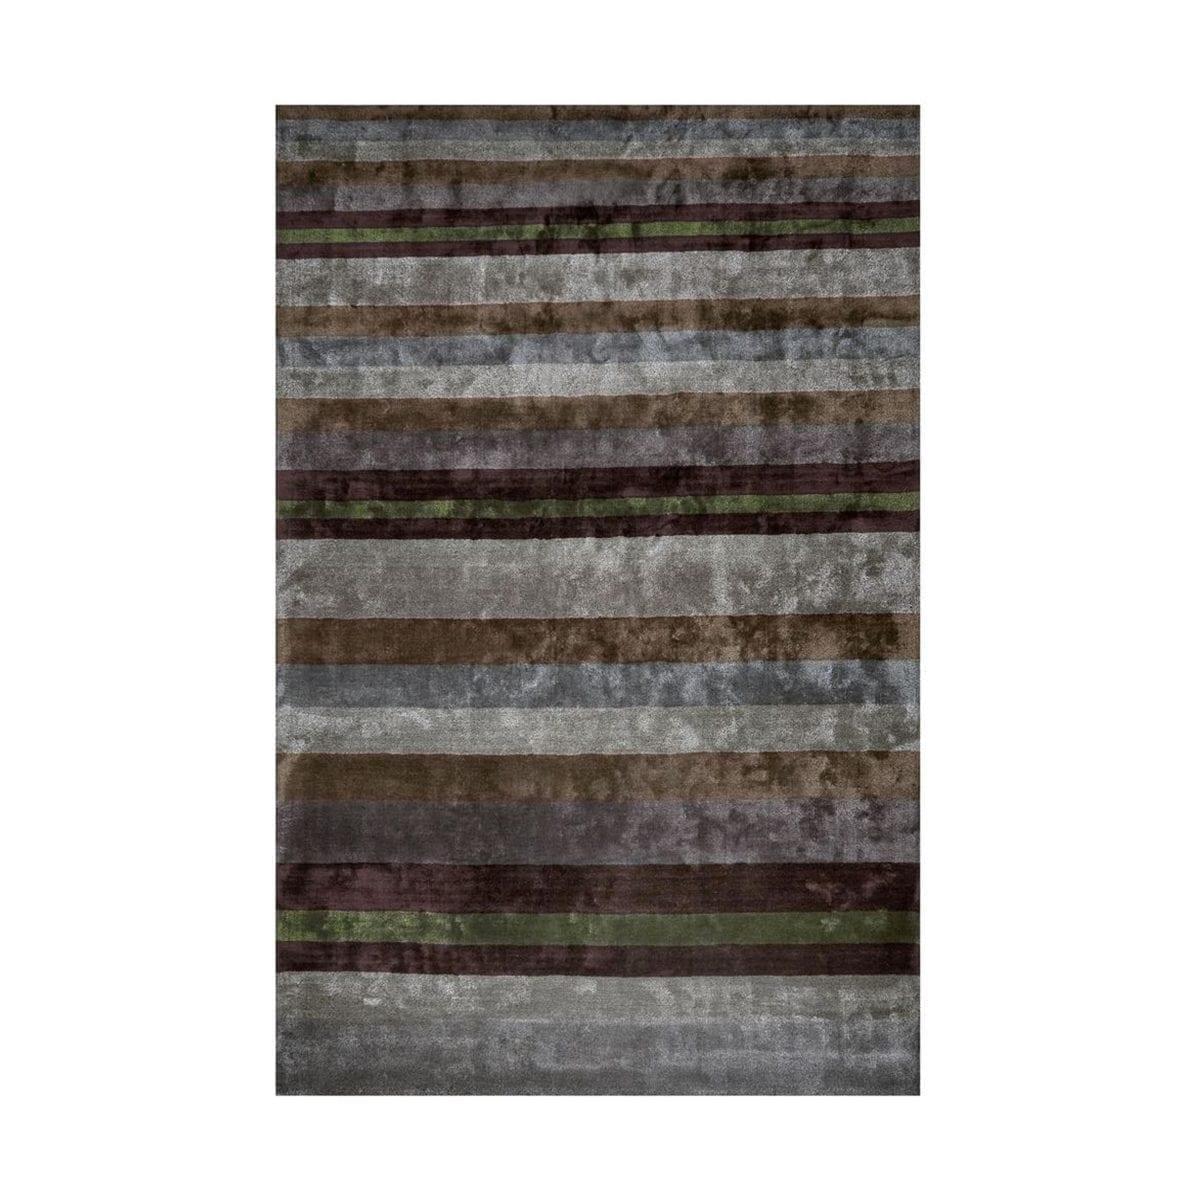 Boeiend vloerkleed met grijze strepen Tanchoi graphite van Designers Guild